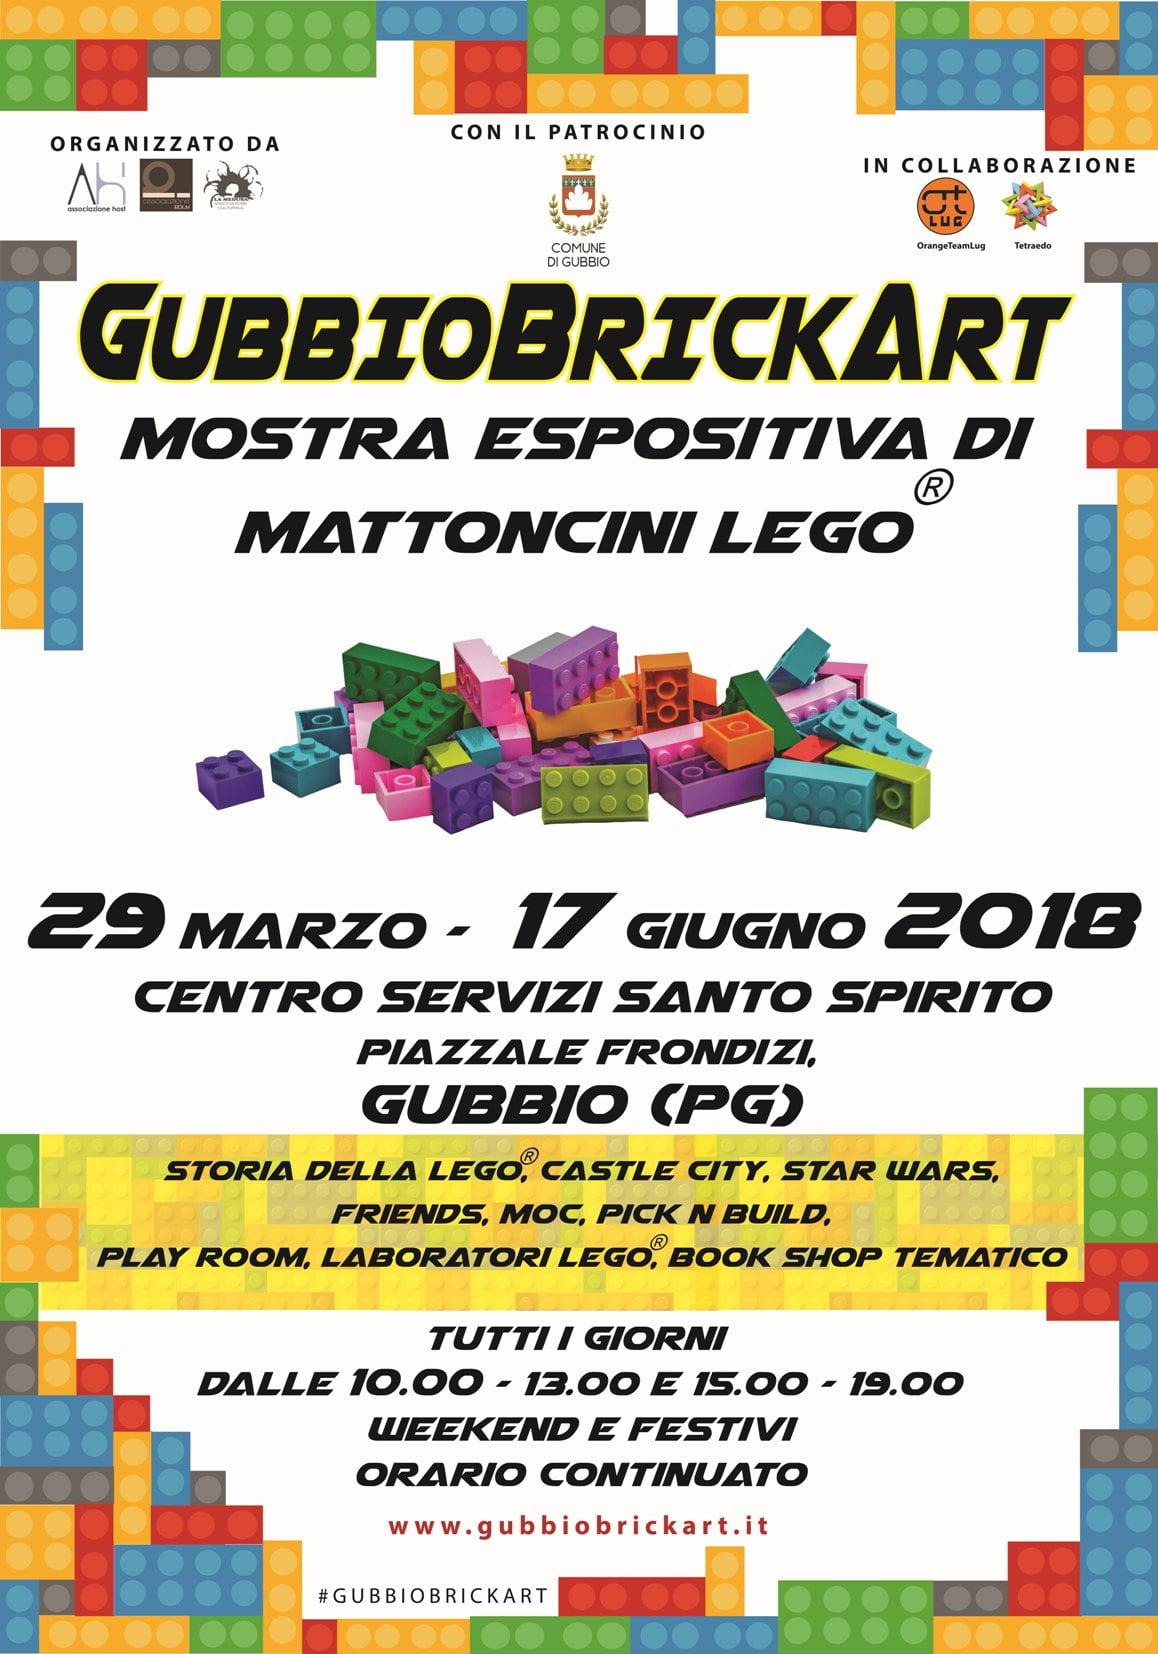 GUBBIO BRICKART